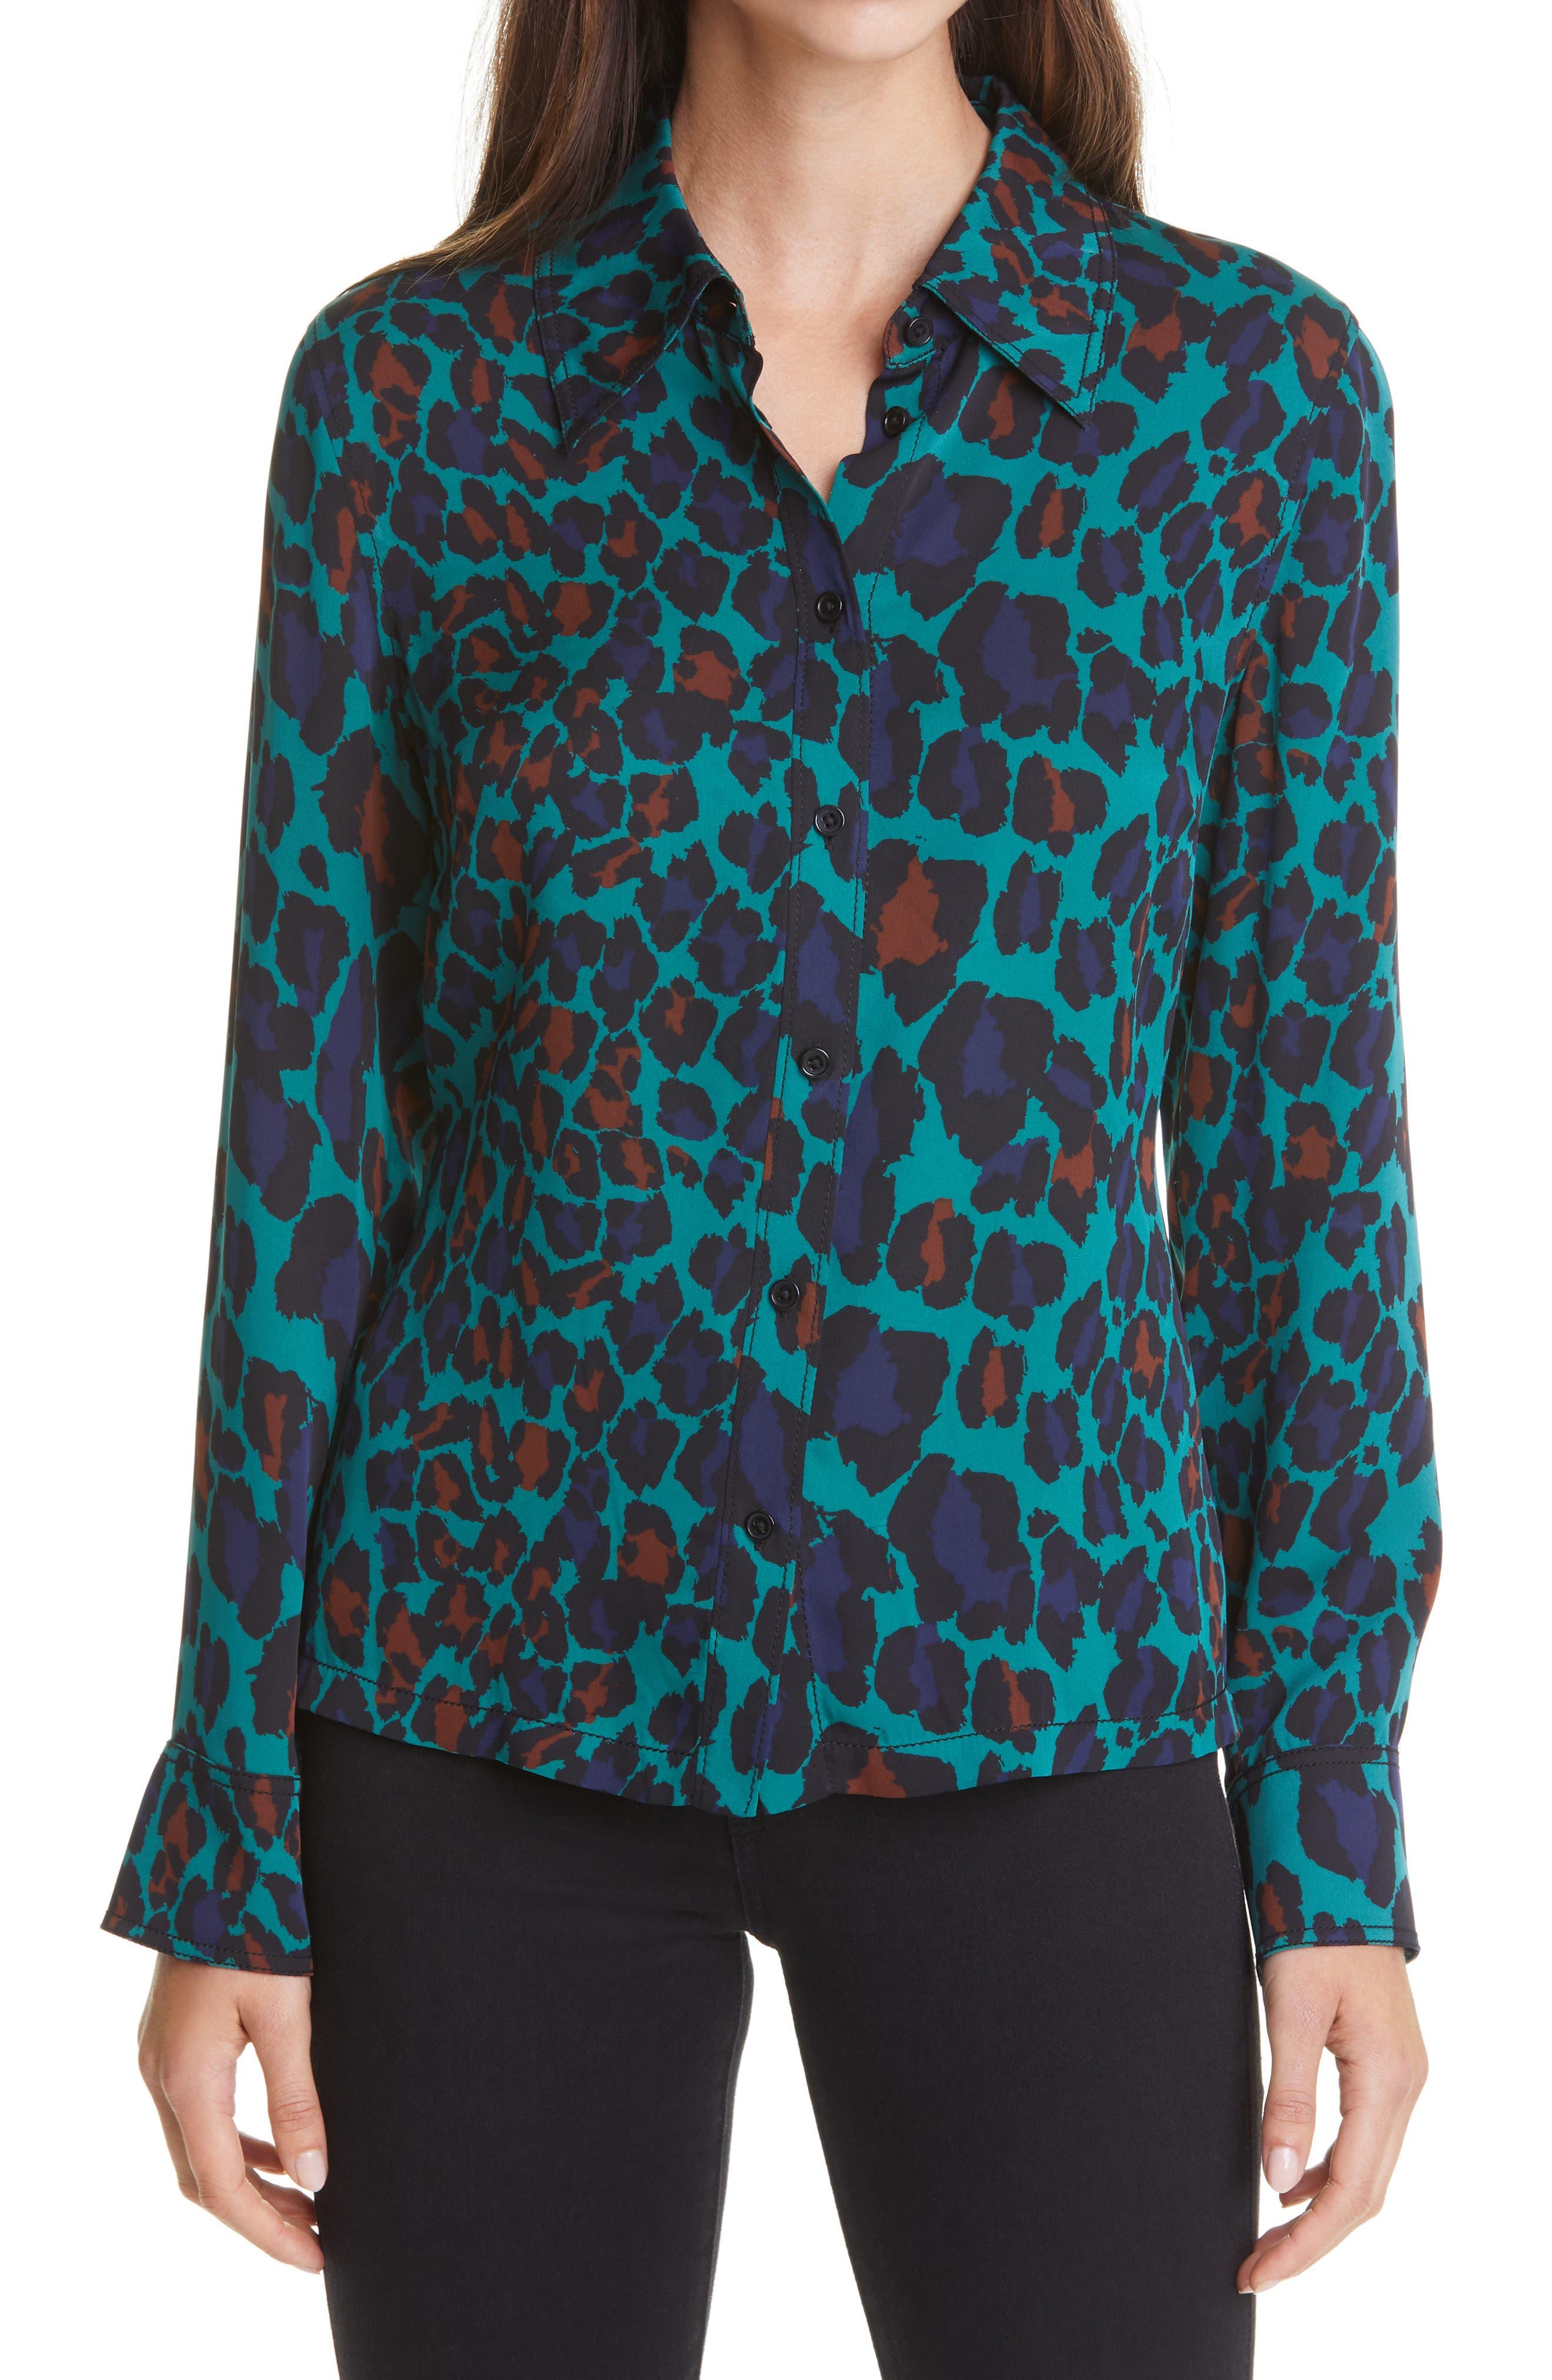 Women's Dvf Samson Leopard Blouse